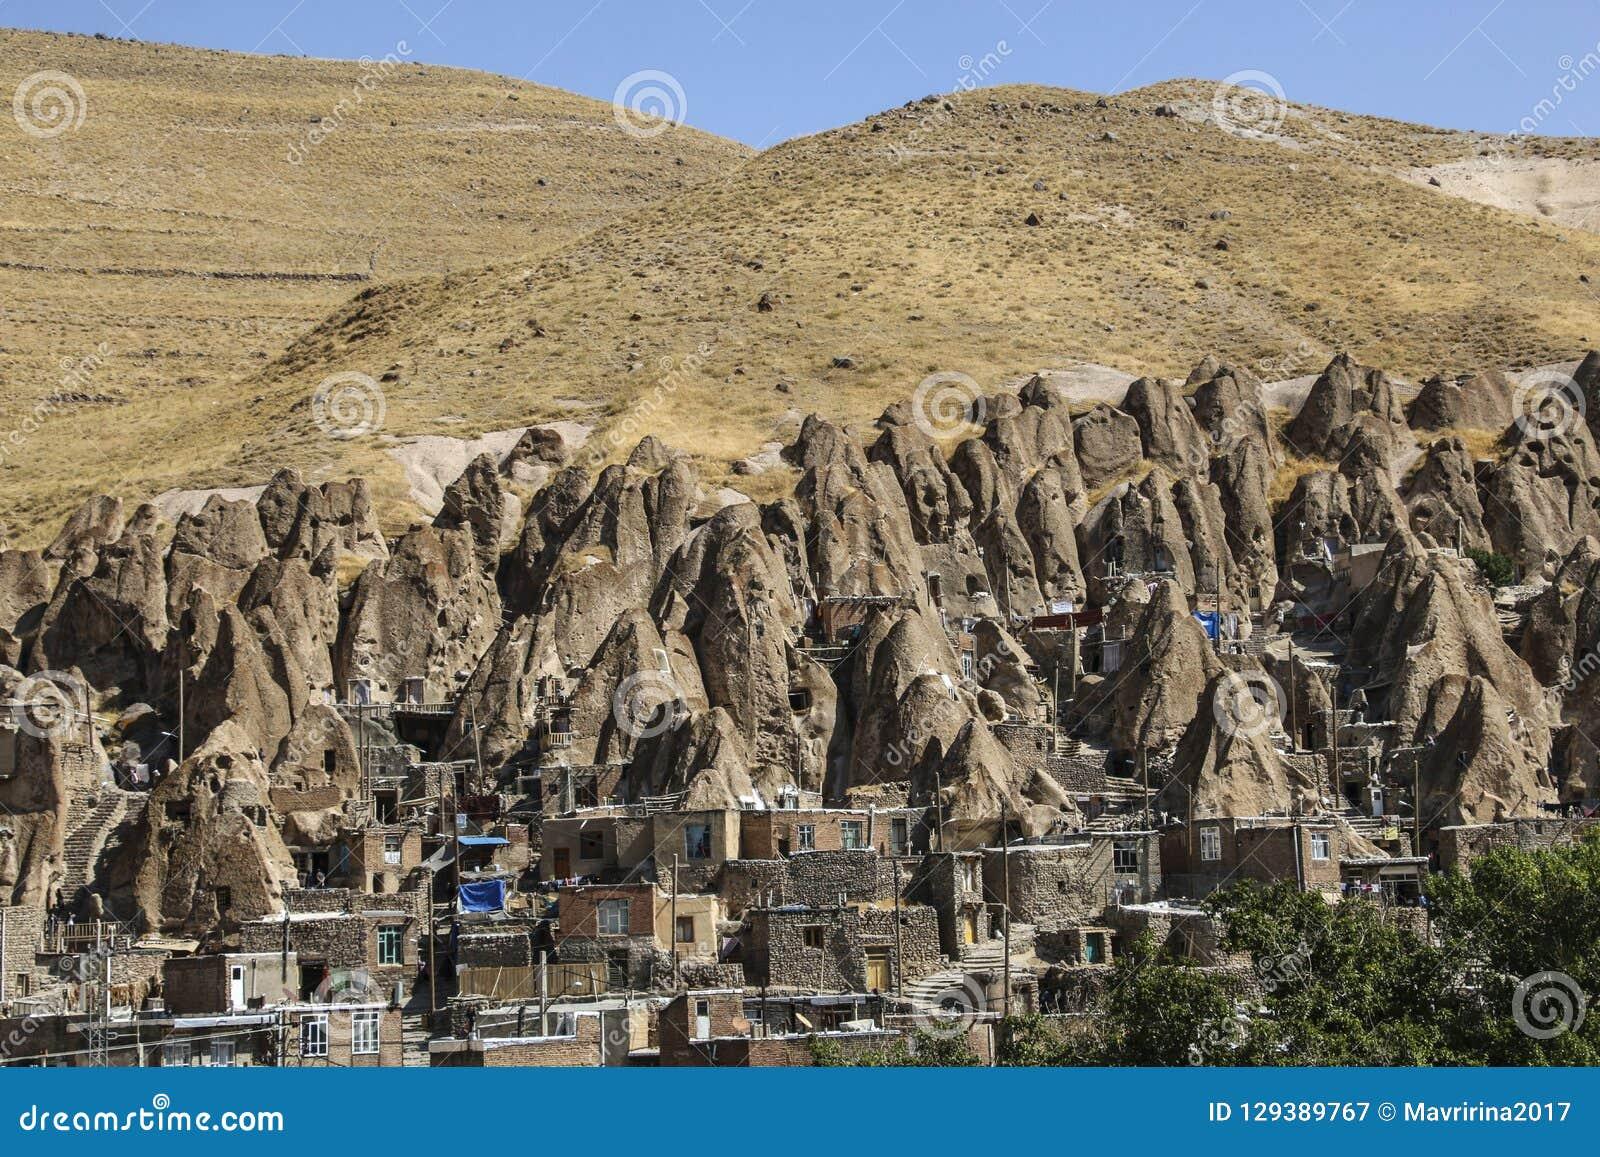 Ansicht Des Felsendorfs Kandovan Ost Aserbaidschan Provinz Iran Stockbild Bild Von Provinz Aserbaidschan 129389767